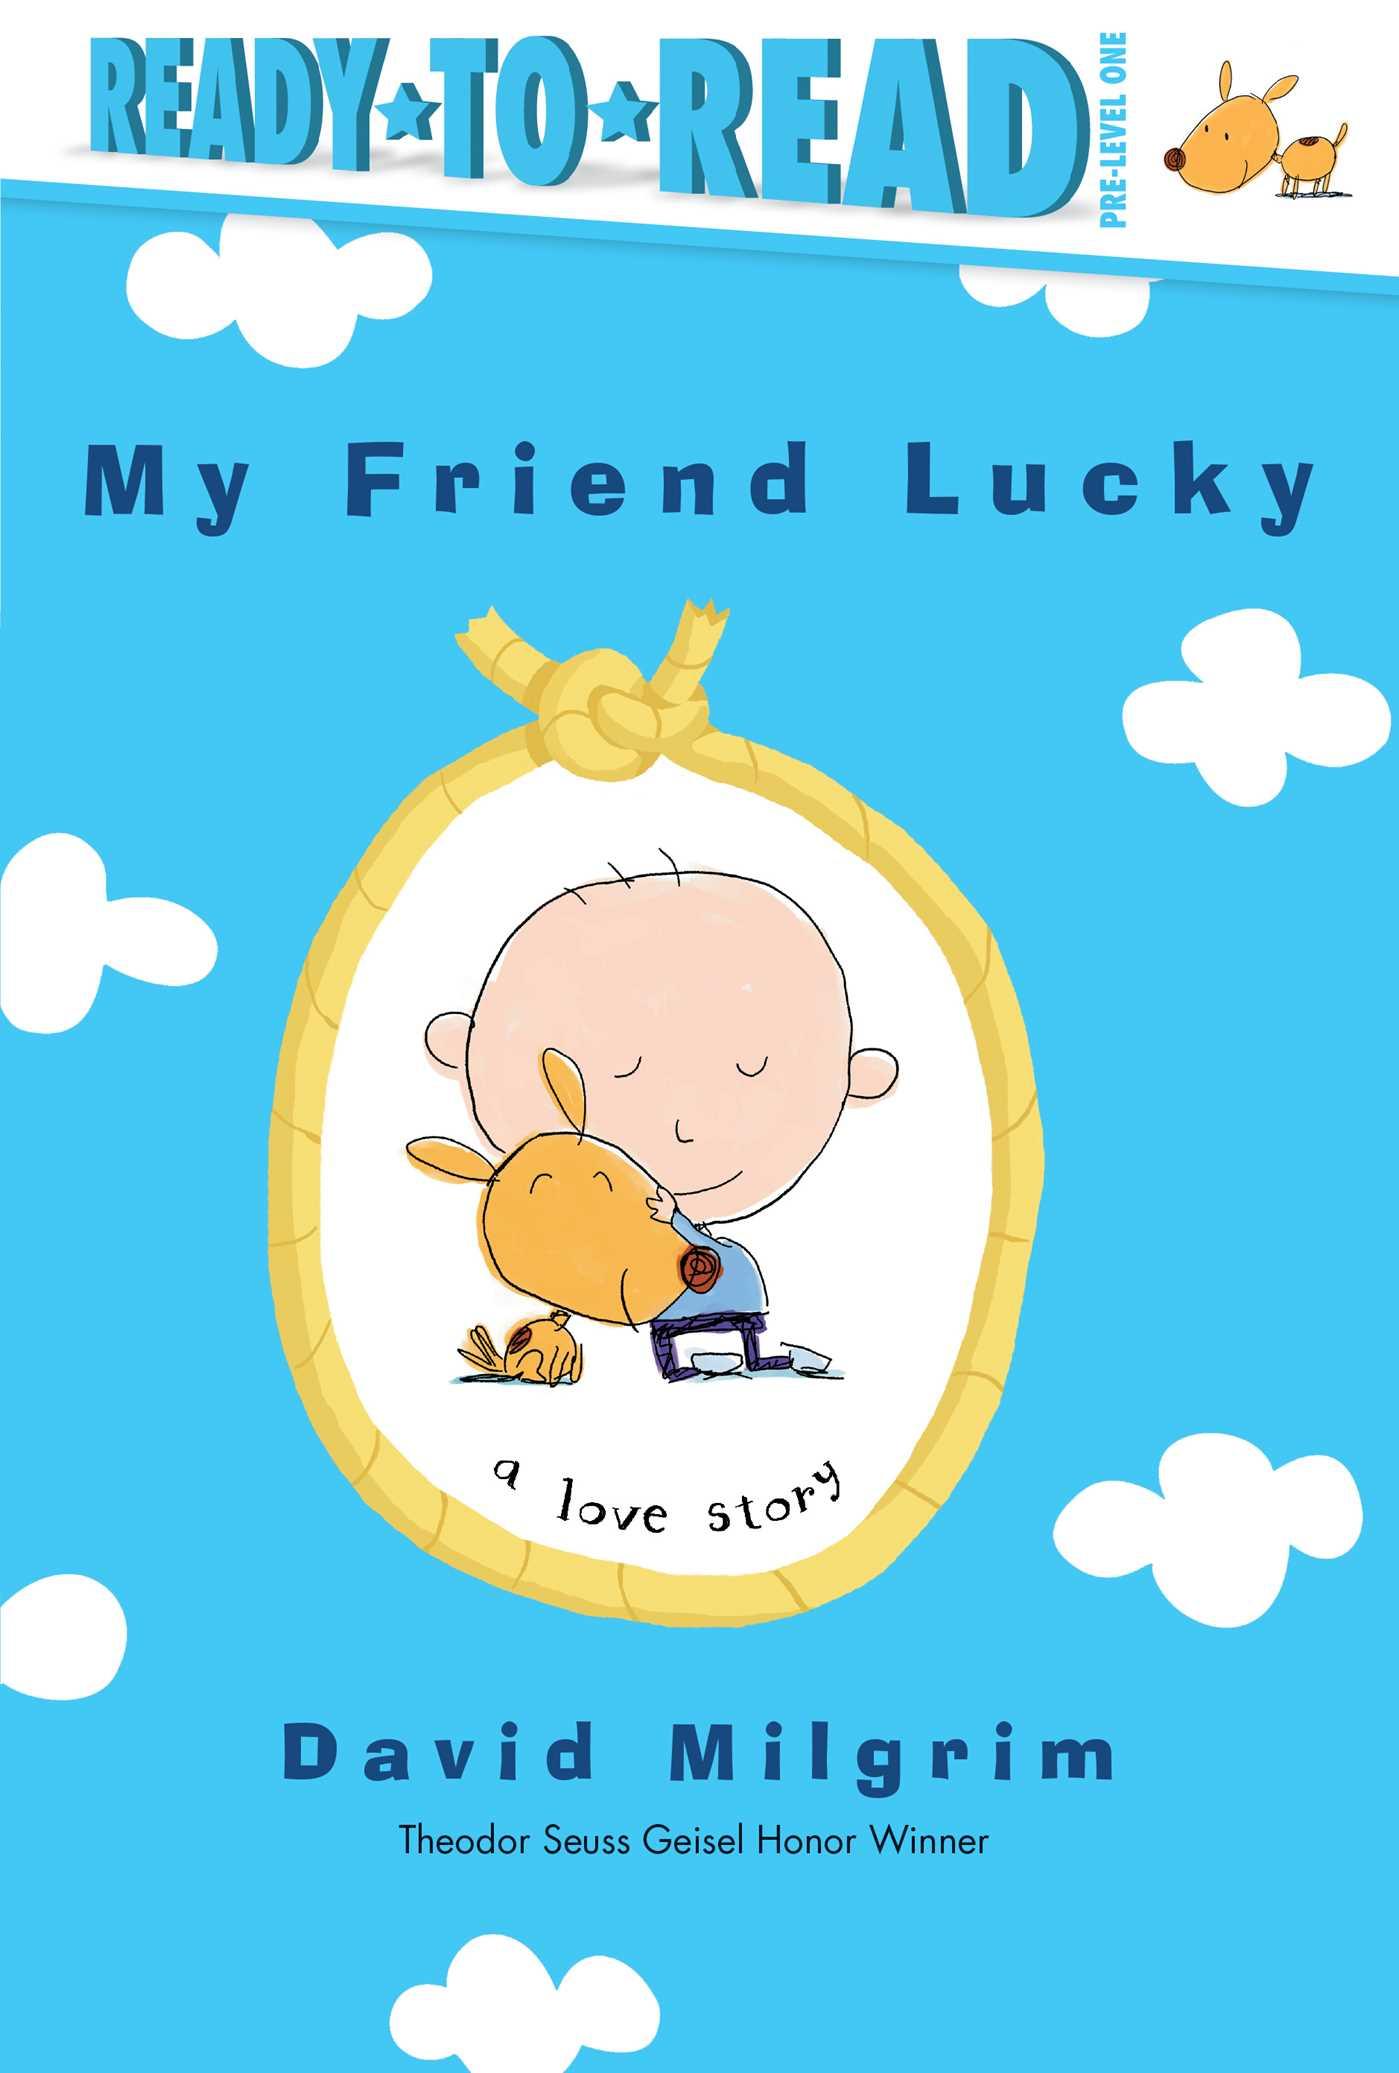 My friend lucky 9781481489010 hr